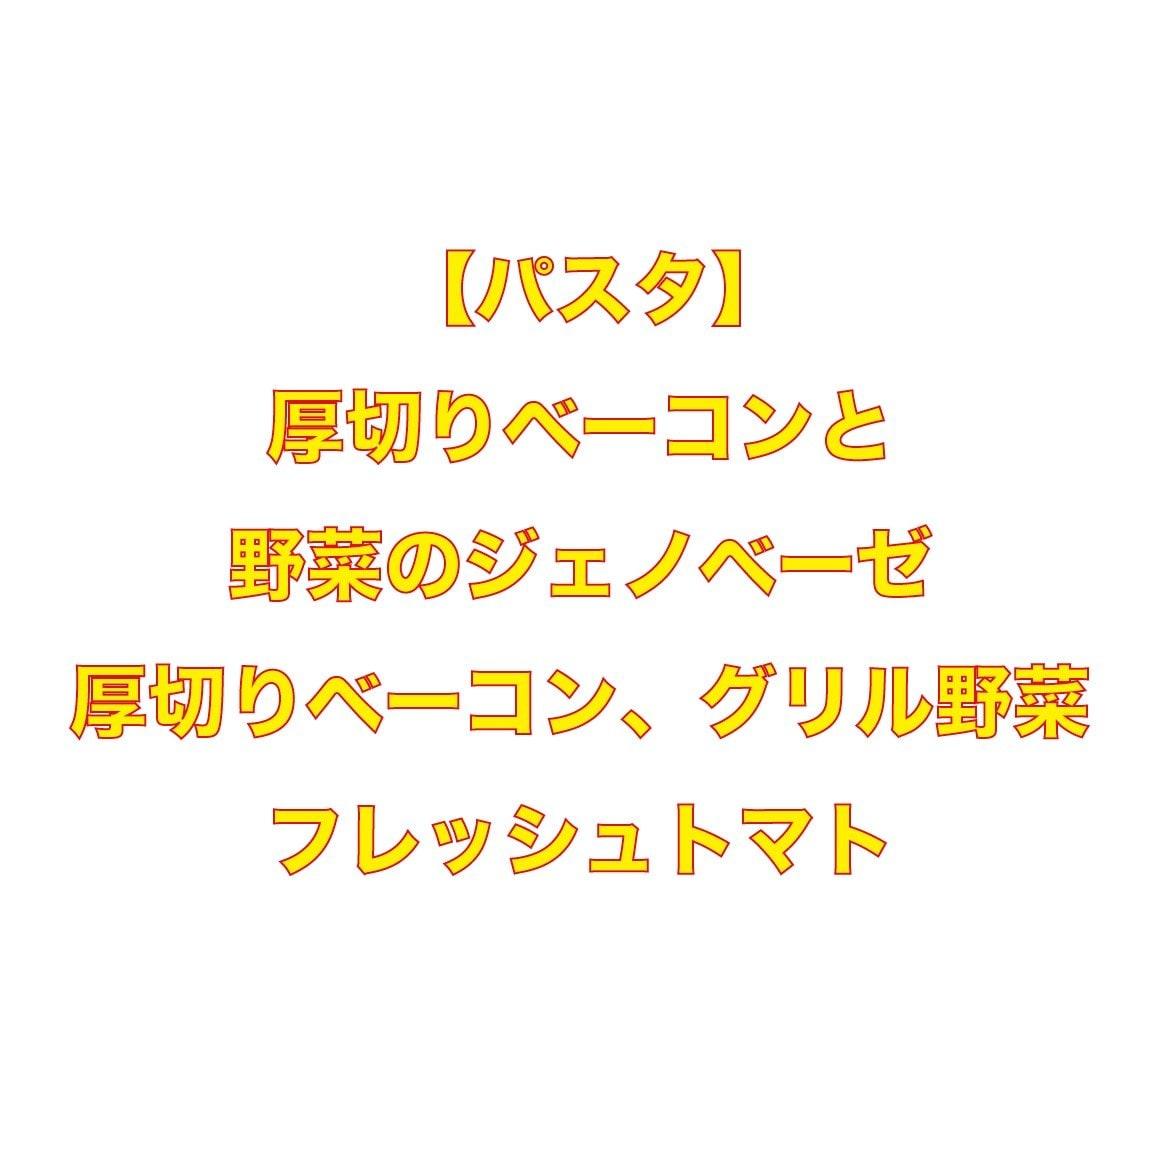 【パスタ】厚切りベーコンと野菜のジェノベーゼ (厚切りベーコン、グリル野菜、フレッシュトマト)《店内注文》のイメージその1